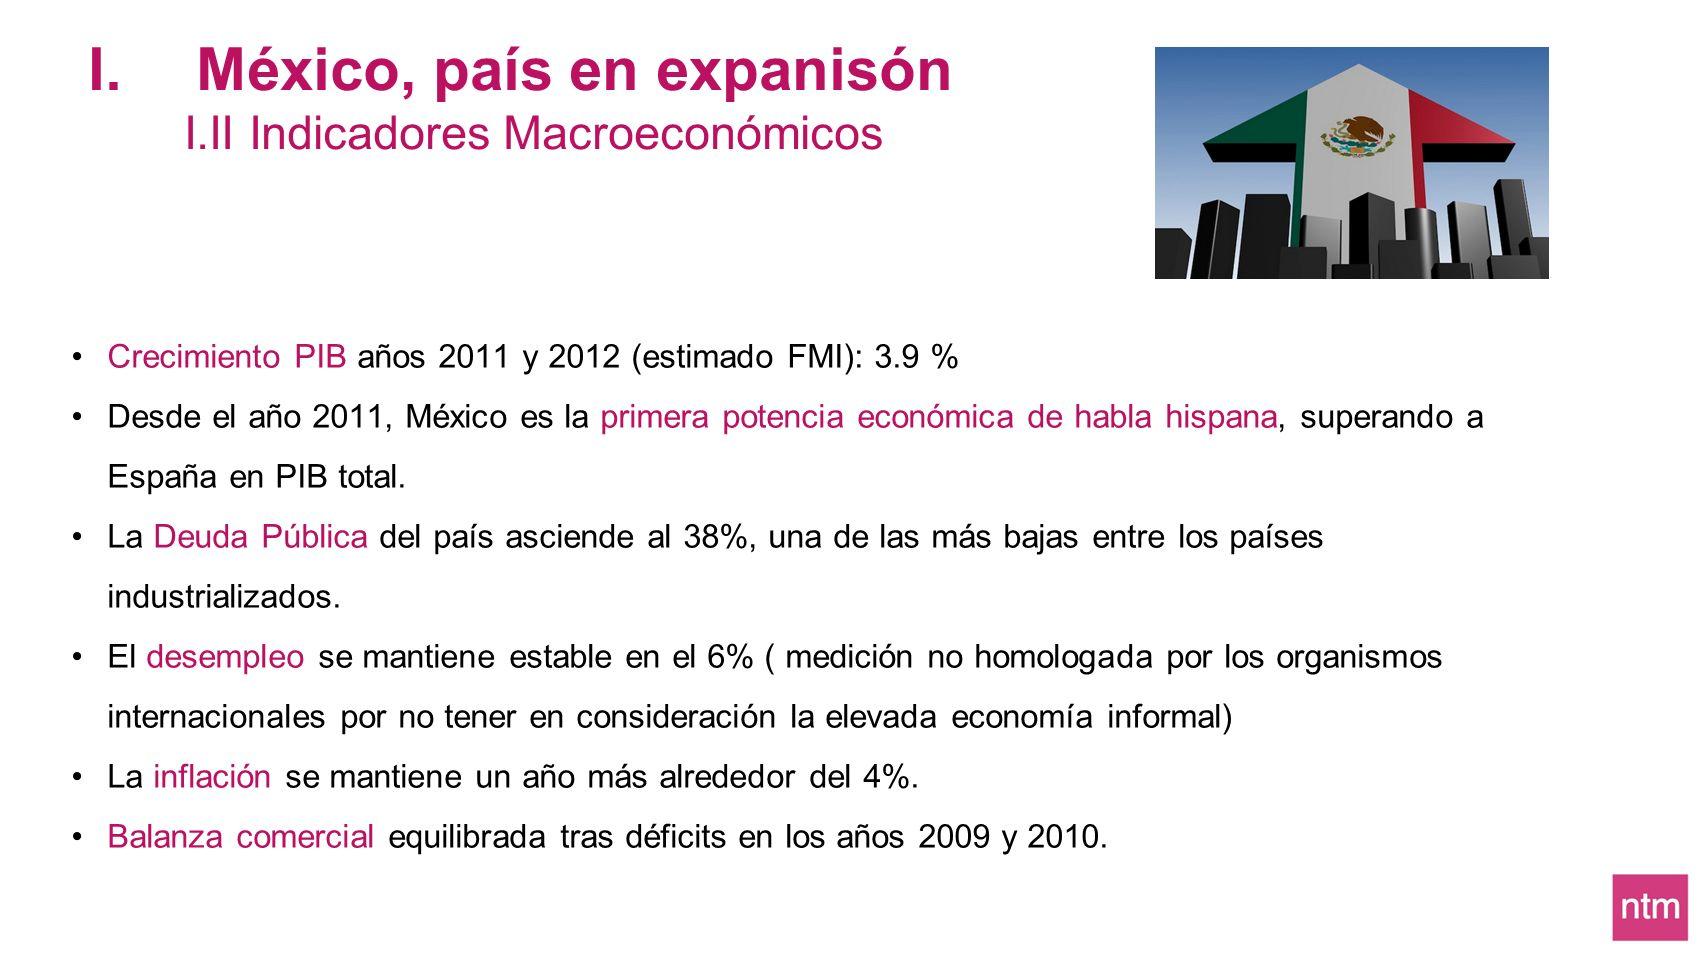 Ranking Doing Business 2011: México posición 35 (España 59) Mejor país de Latinoamérica para establecer un negocio.